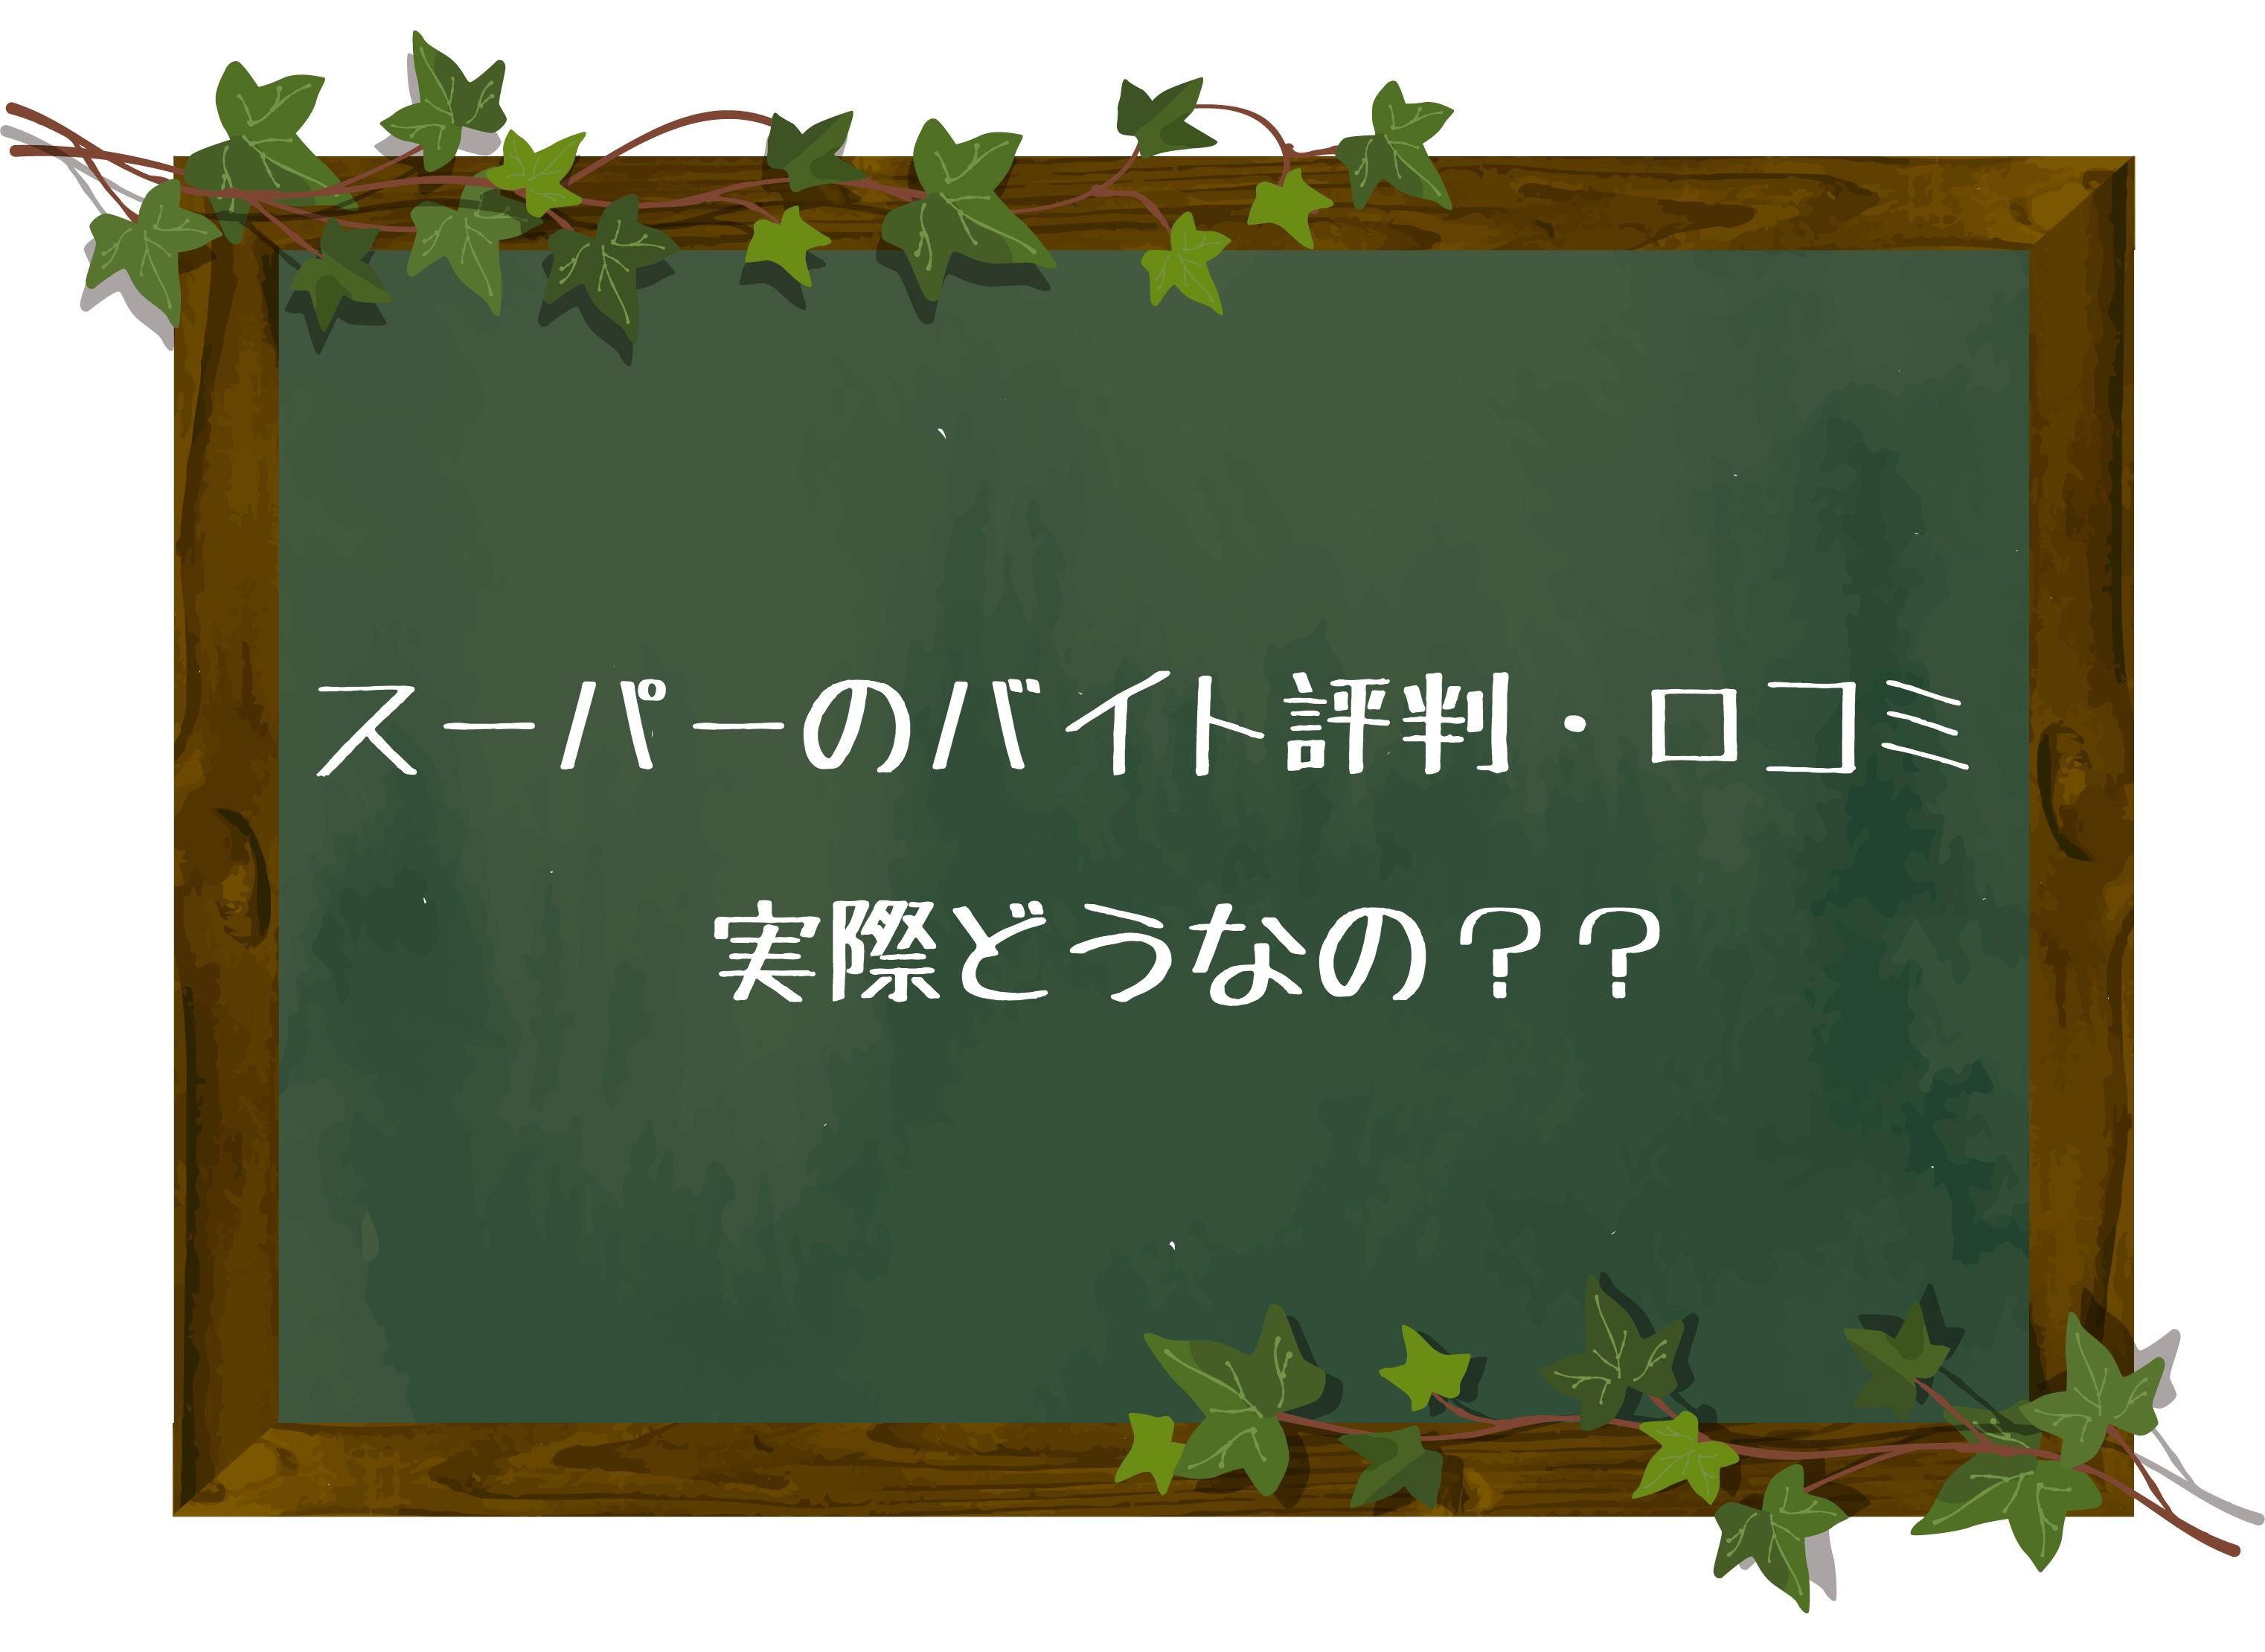 スーパーのバイト評判・口コミ